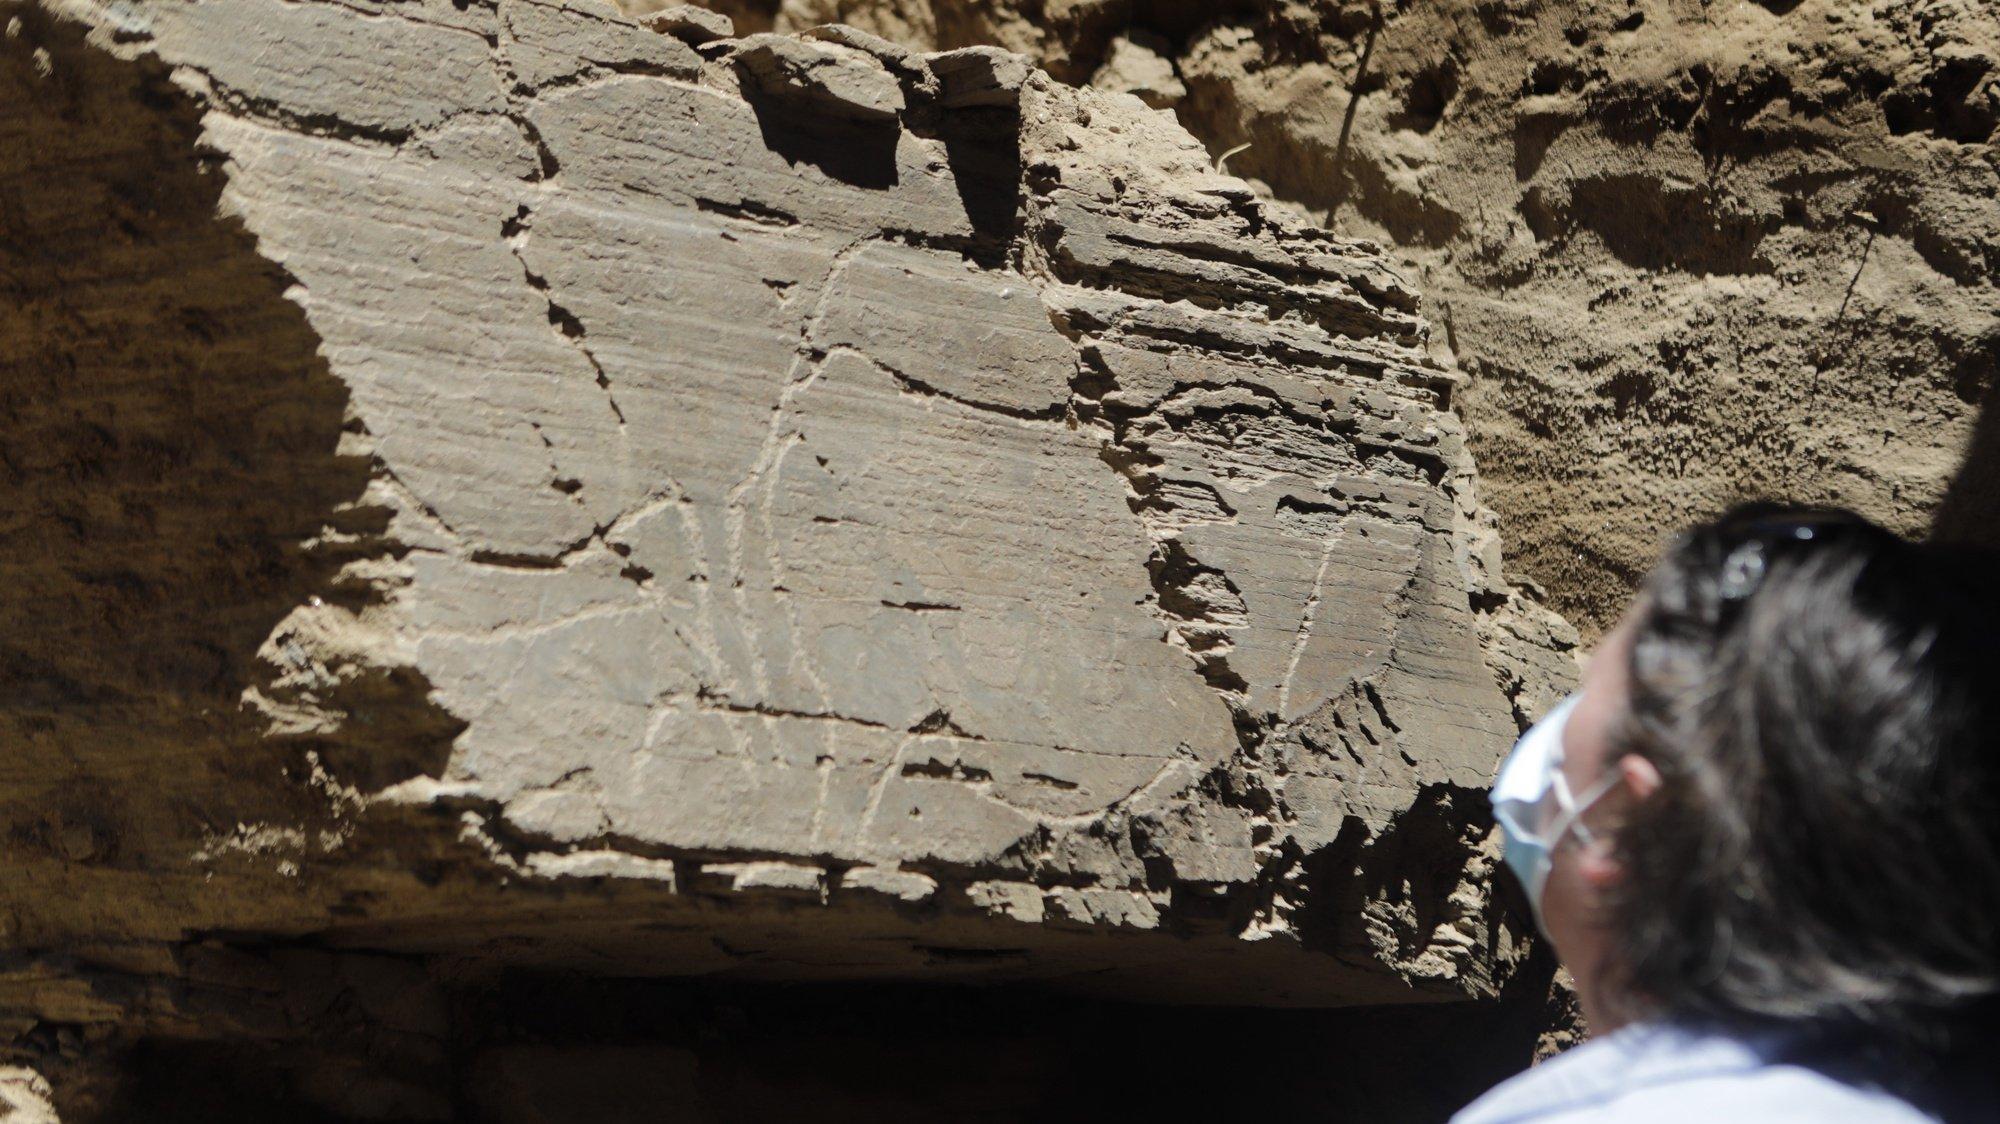 A EDP baixou o nível da água do rio Côa o que permitiu a um grupo de arqueólogos da Fundação Côa Parque fazerem escavações junto à margem do rio a uma profundidade nunca antes conseguida, pondo a descoberto a maior parede de arte rupestre a céu aberto, em Vila Nova de Foz Côa, 20 de maio de 2021. (ACOMPANHA TEXTO DA LUSA DO DIA 21 DE MAIO DE 2021). MIGUEL PEREIRA DA SILVA/LUSA